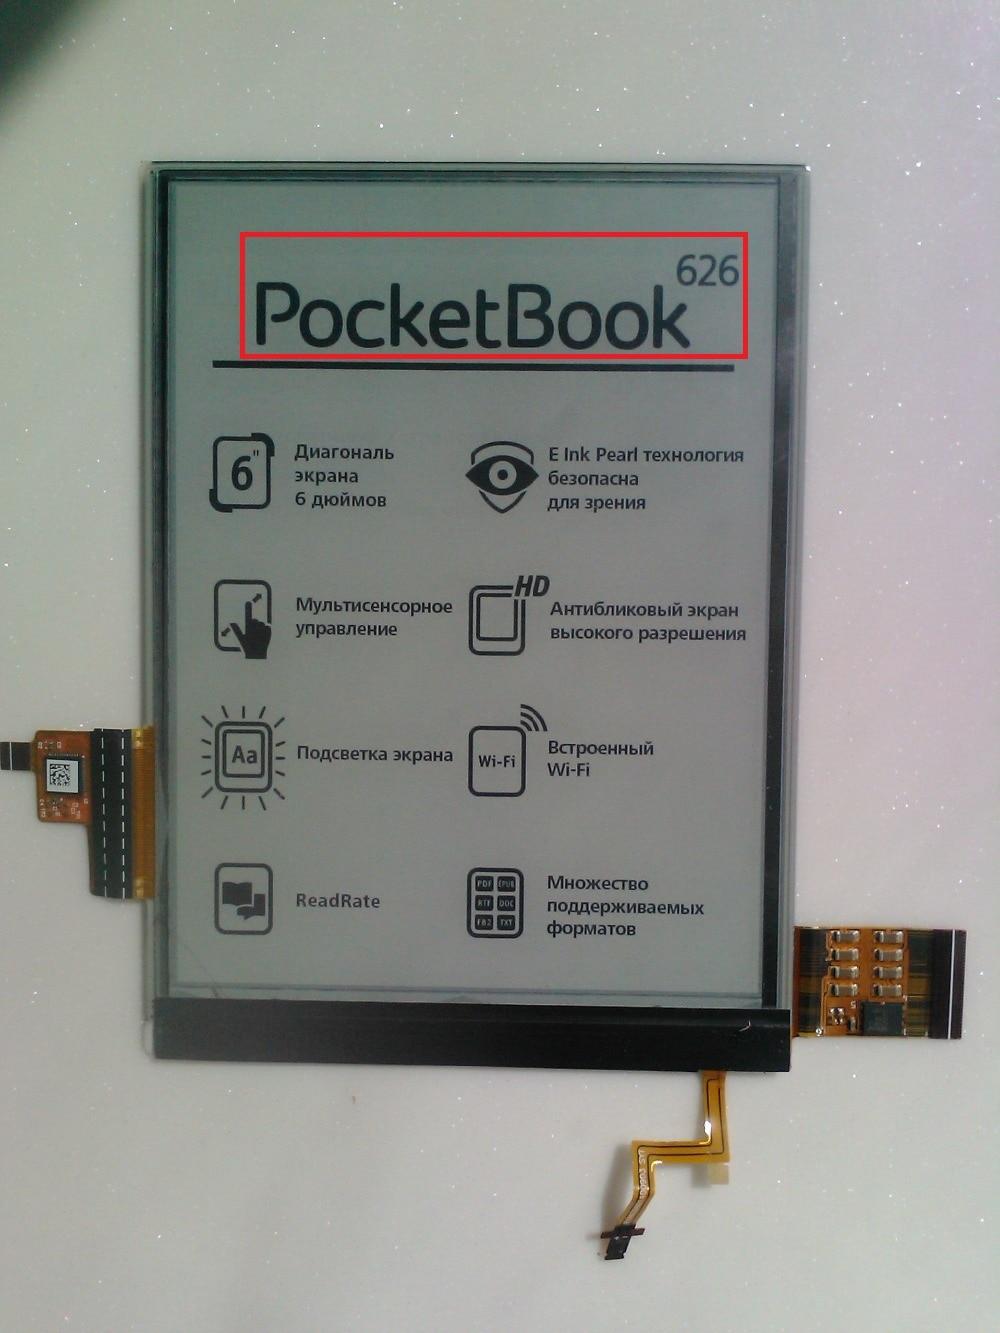 Écran tactile de 6 pouces avec rétro-éclairage Lcd pour Pocketbook Touch Lux 2 626 1 écran LCD pour PocketBook 626 pb626 - 3